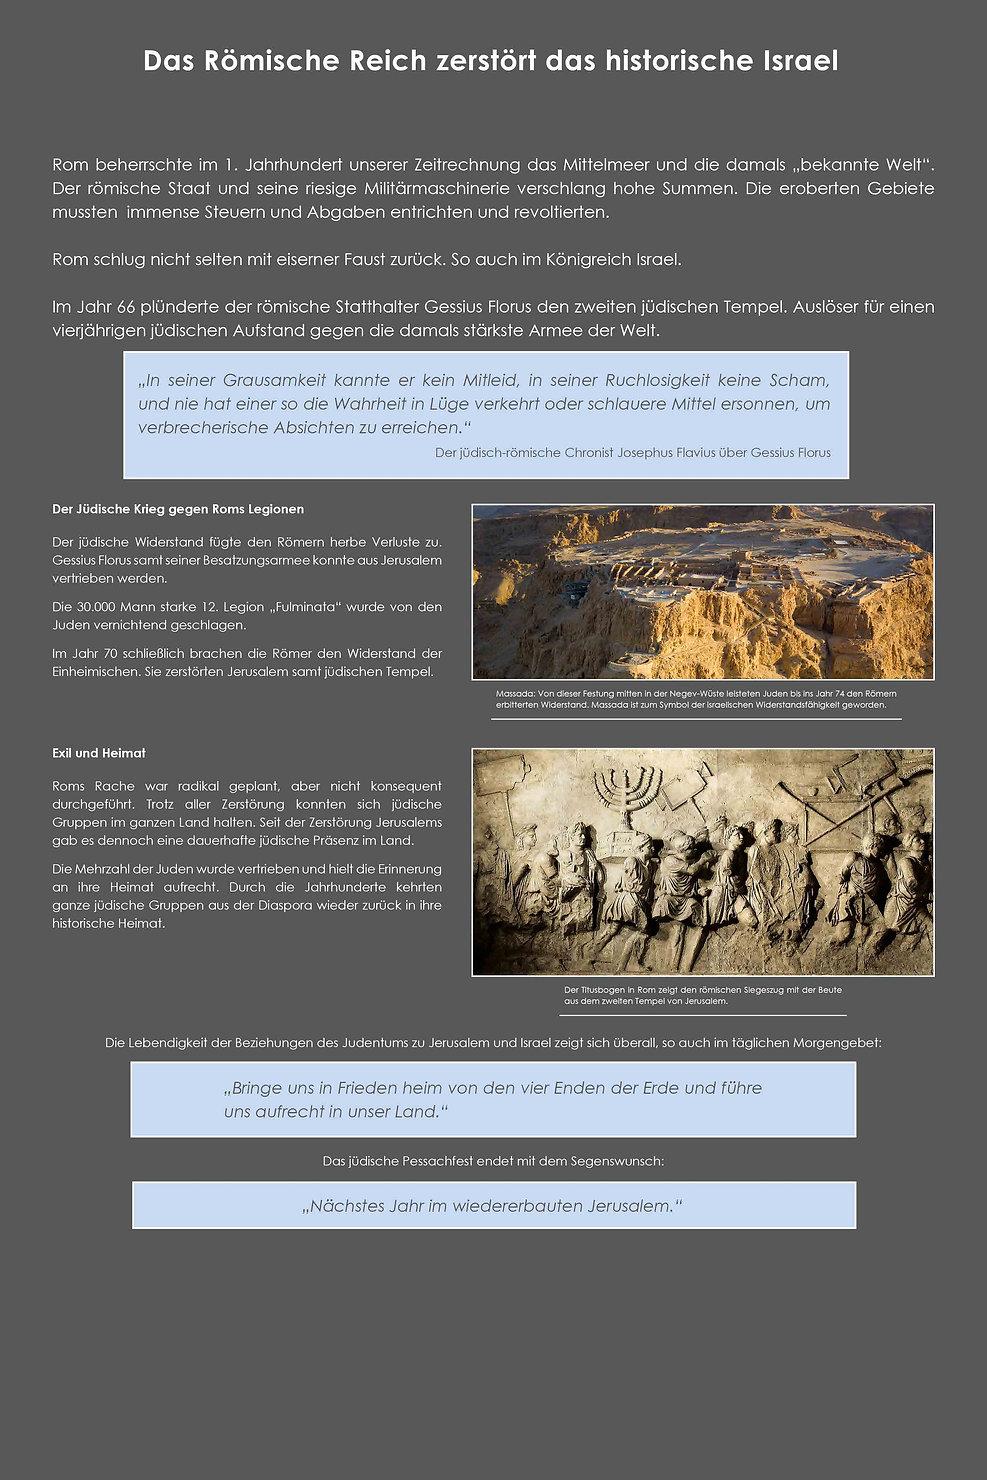 03 Das Römische Reich zerstört das historische Israel